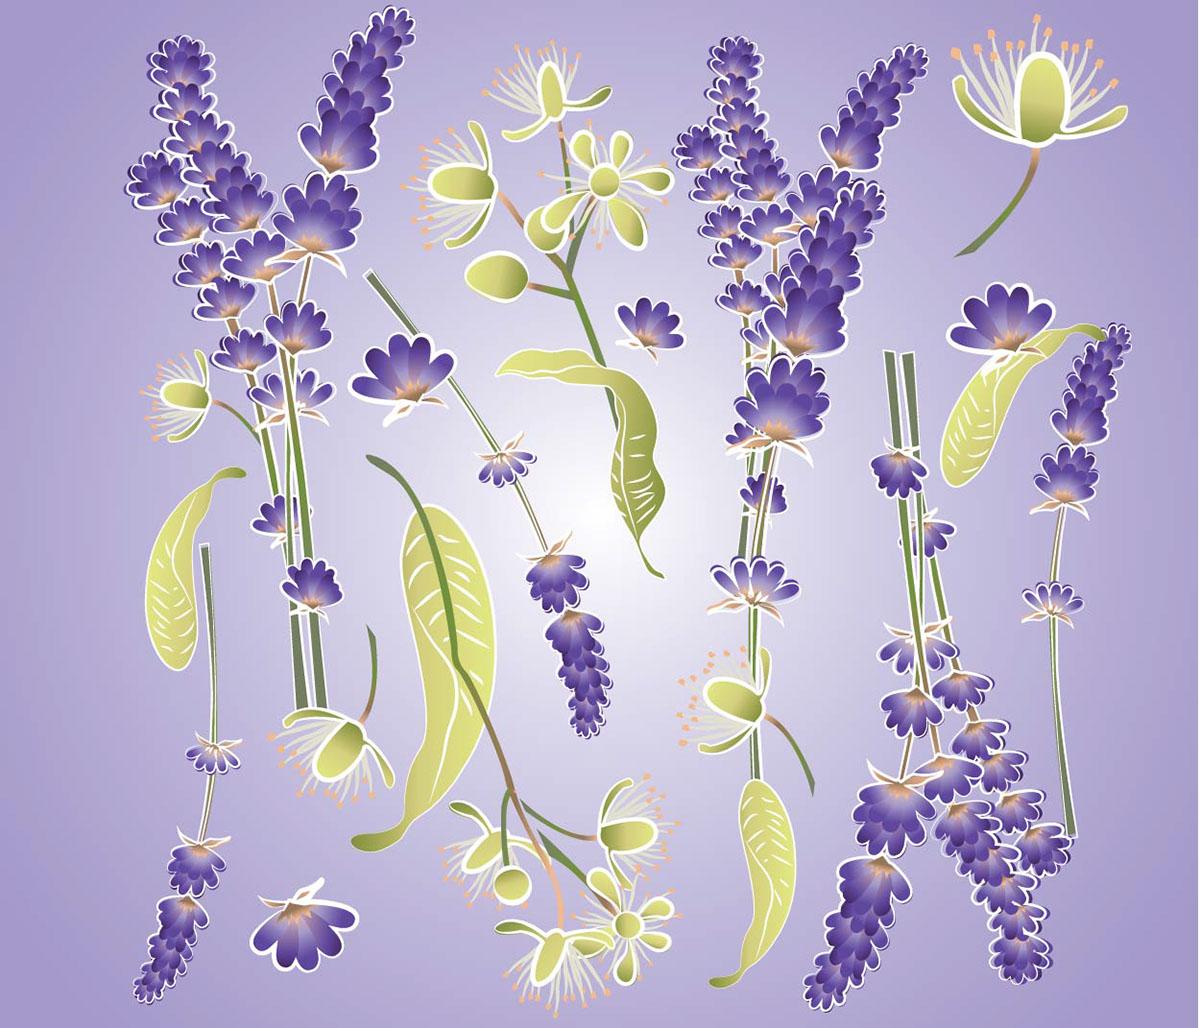 ilustracion etiqueta Flores tilo lavanda naturaleza